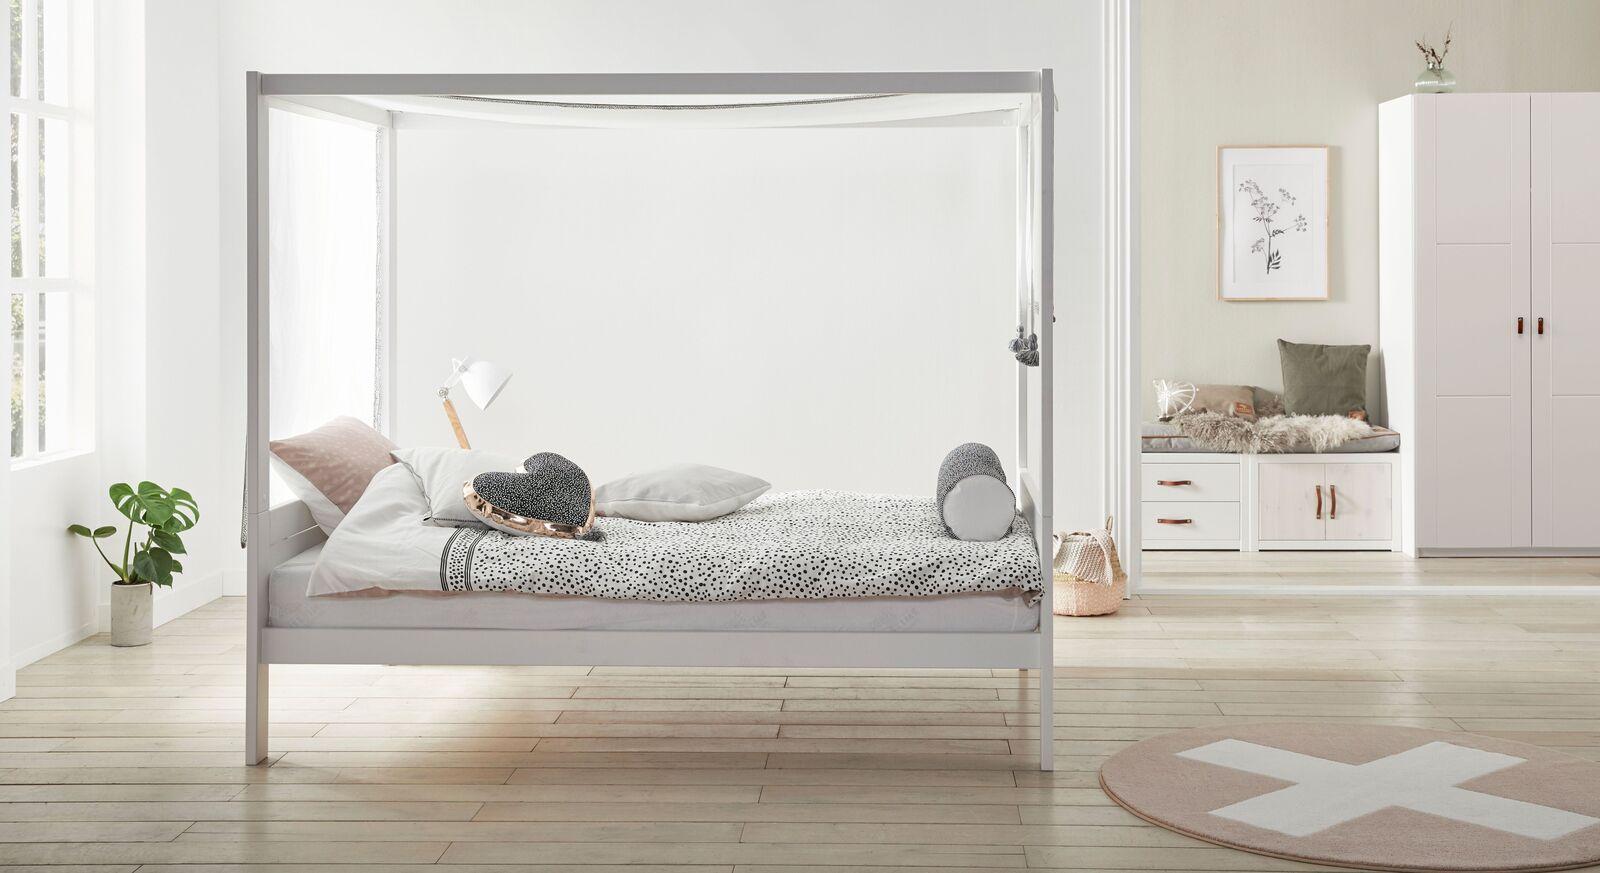 LIFETIME Himmelbett Living Style passend für Jugendzimmer